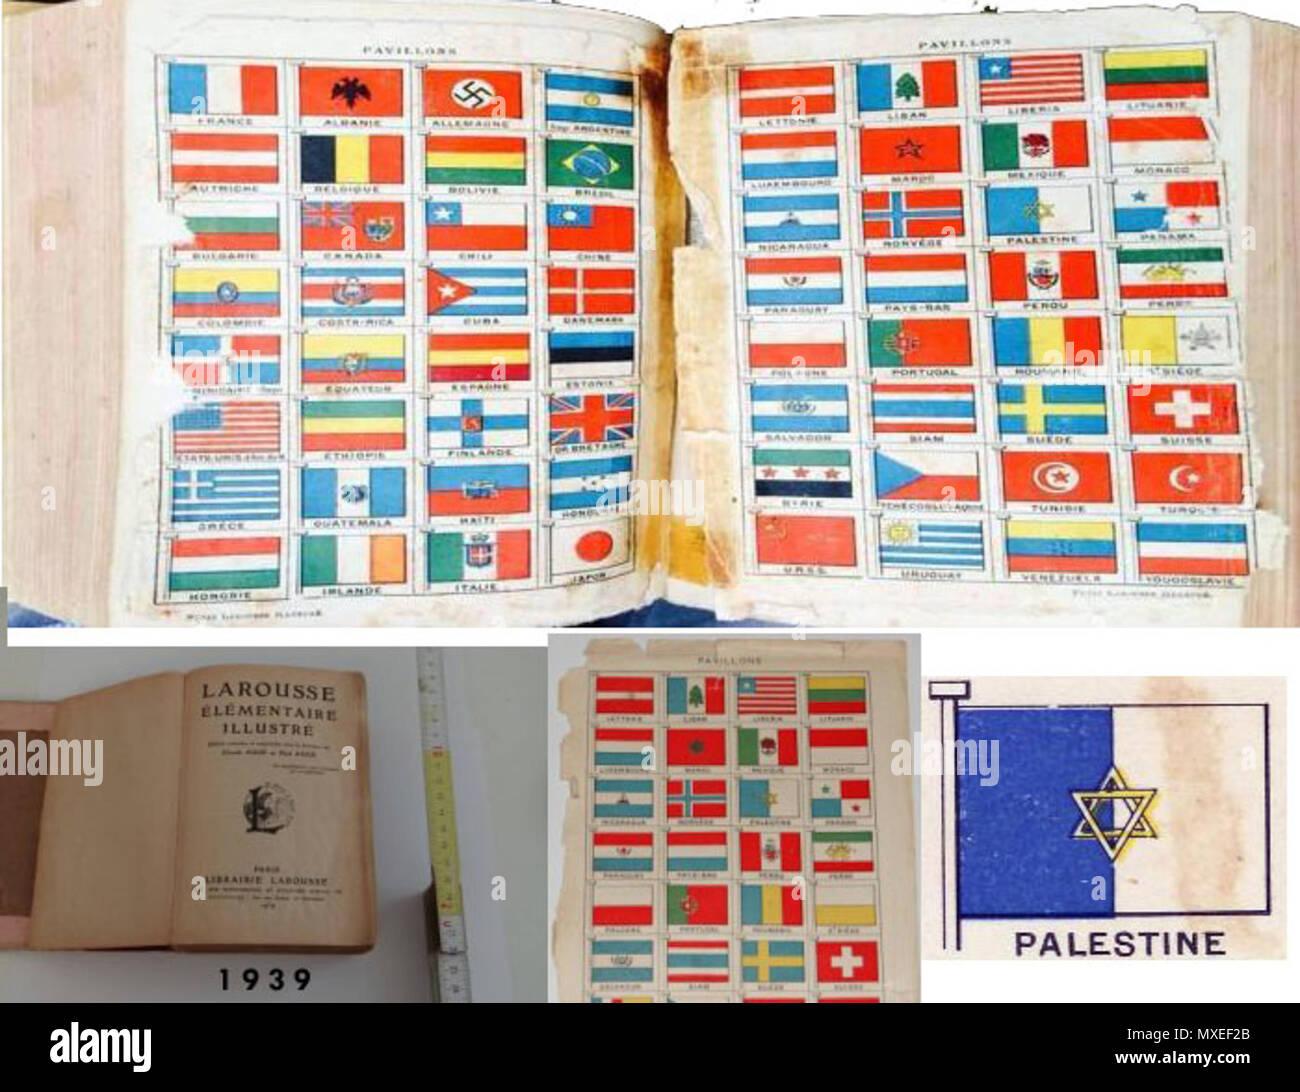 . Русский: Согласно французскому словарю Ларус (Larousse) 1939 года [1] Флаг Палестины представлял из себя разделённое вертикально пополам бело-голубое поле с голубой частью у древка и изображённой в центре шестиконечной звездой Давида. 1939. Larousse 1939 465 Palestin-flag-1939 - Stock Image